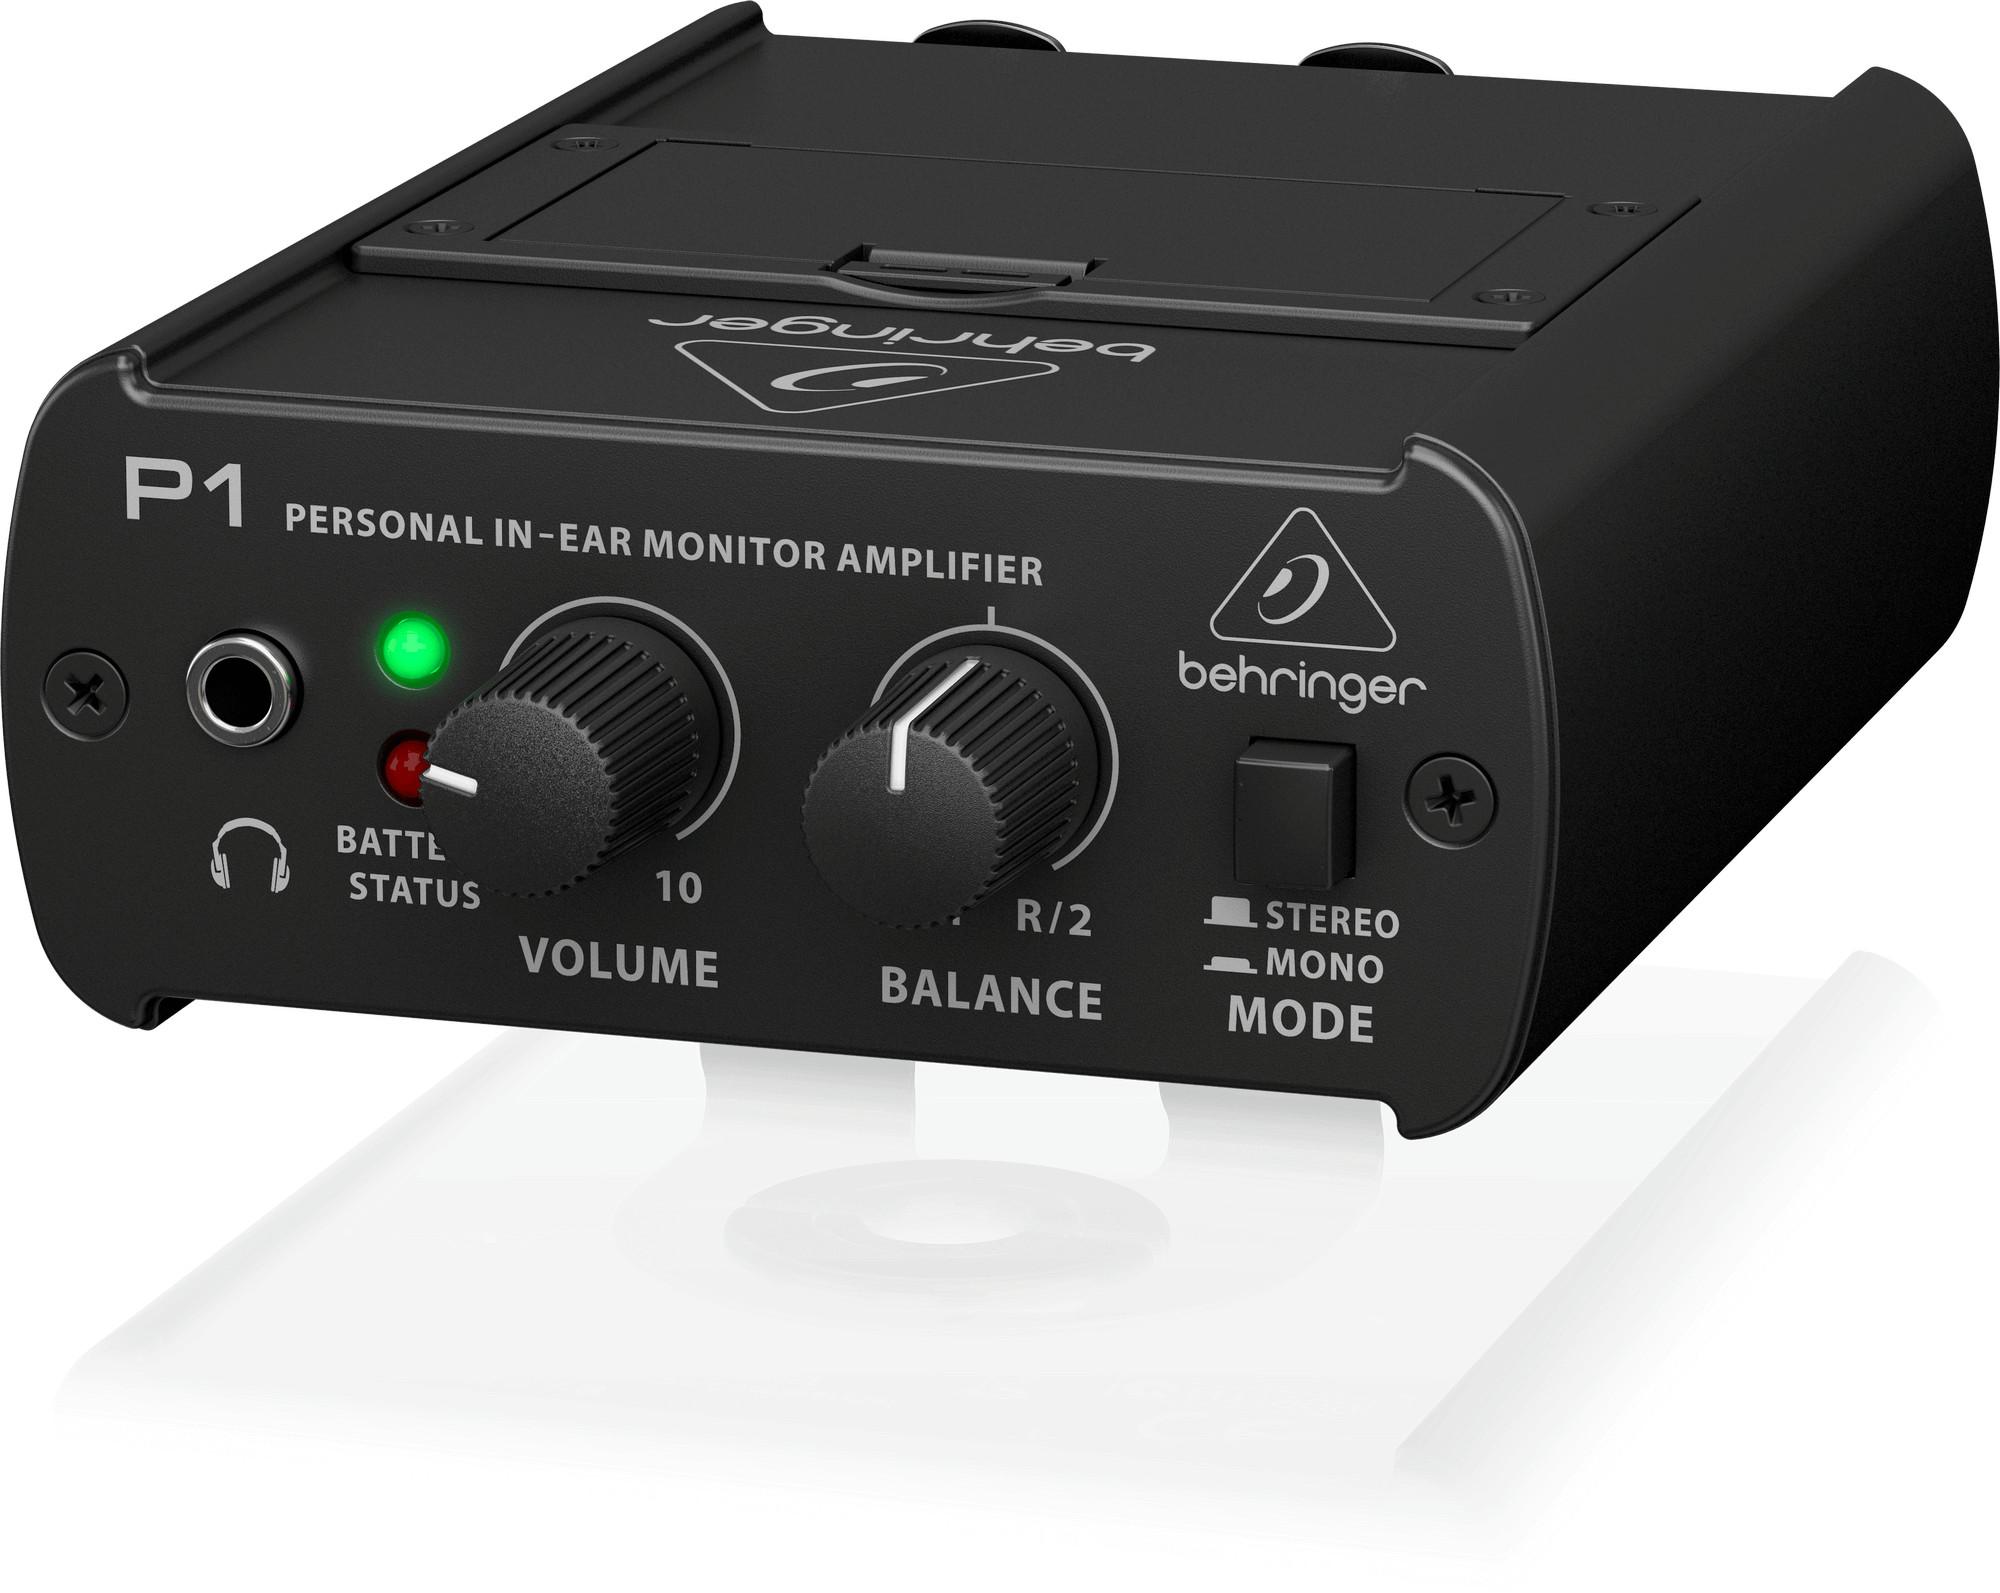 Behringer P1 - Personal In-Ear Monitor Amplifier-Hàng Chính Hãng